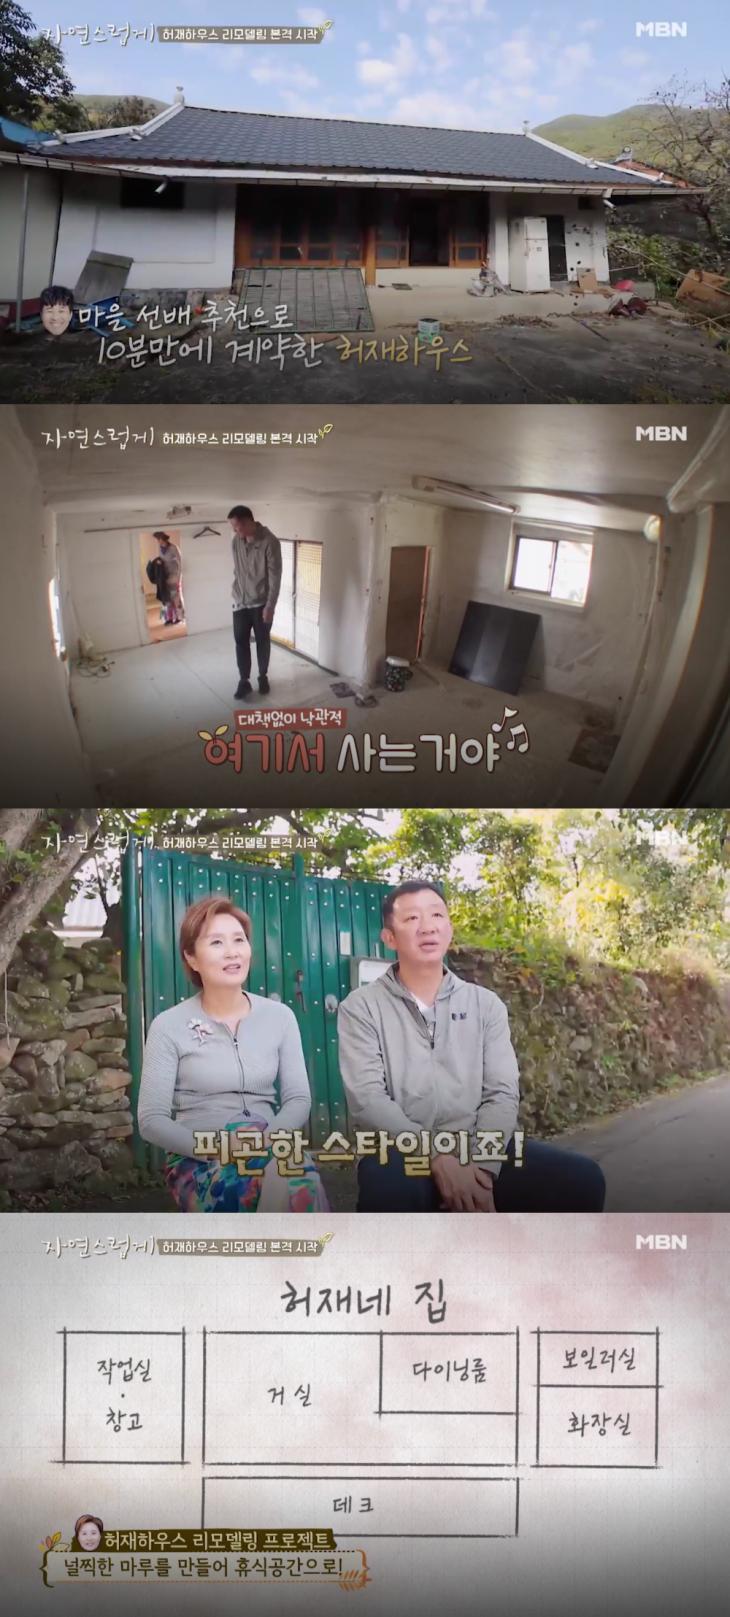 MBN '자연스럽게' 방송 캡처